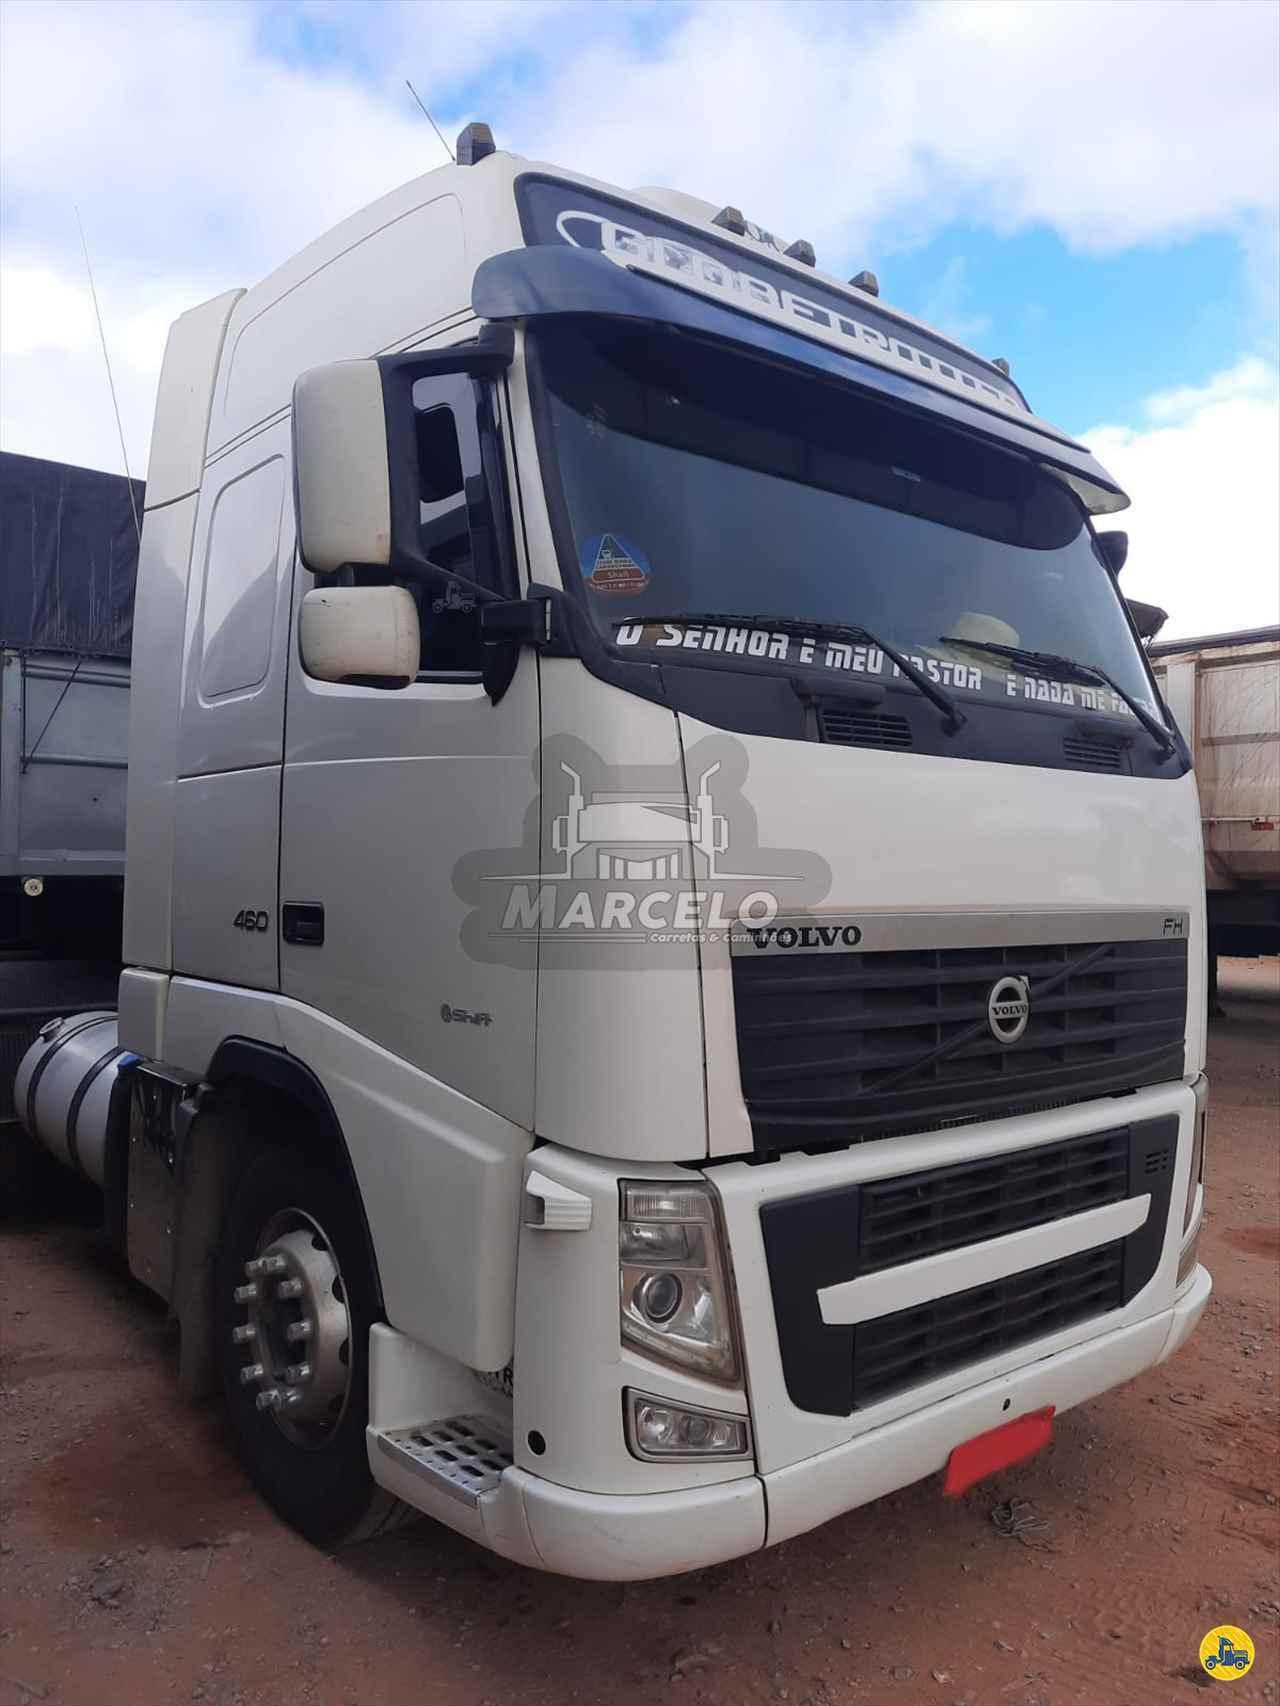 CAMINHAO VOLVO VOLVO FH 460 Cavalo Mecânico Truck 6x2 Marcelo Carretas e Caminhões PIRAPOZINHO SÃO PAULO SP